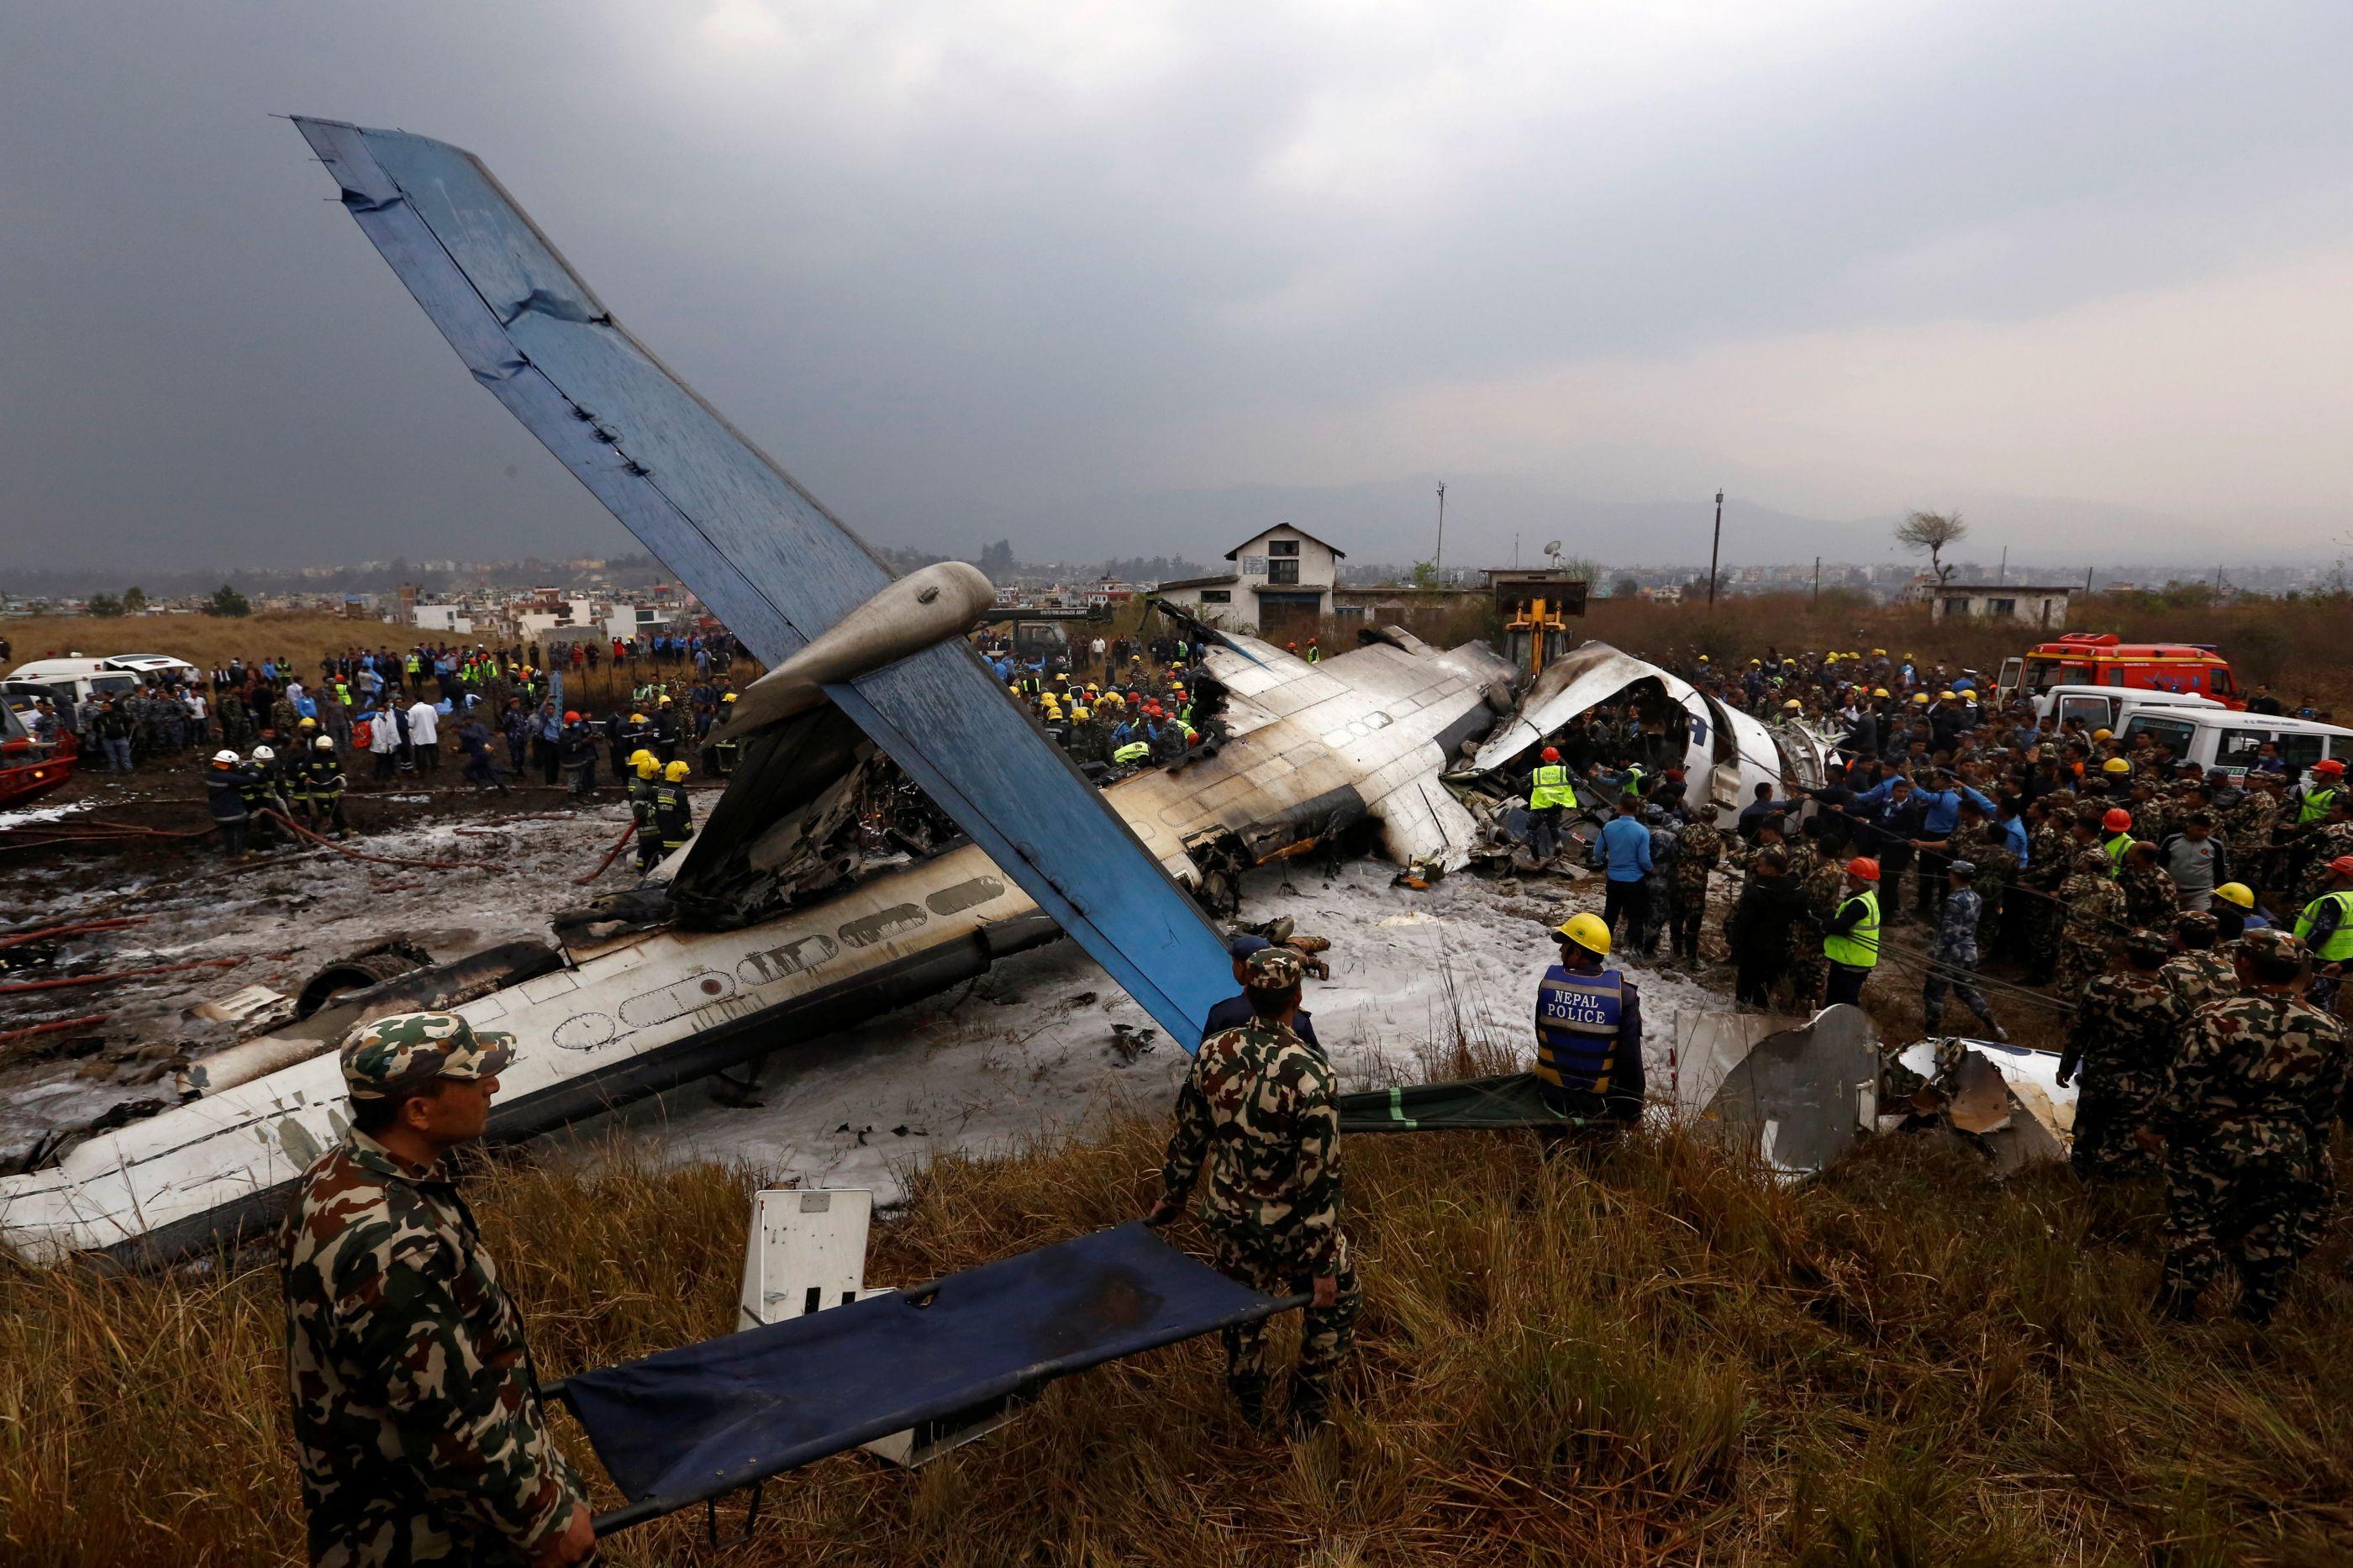 Antes de queda, piloto de avião que caiu no Nepal terá tido esgotamento